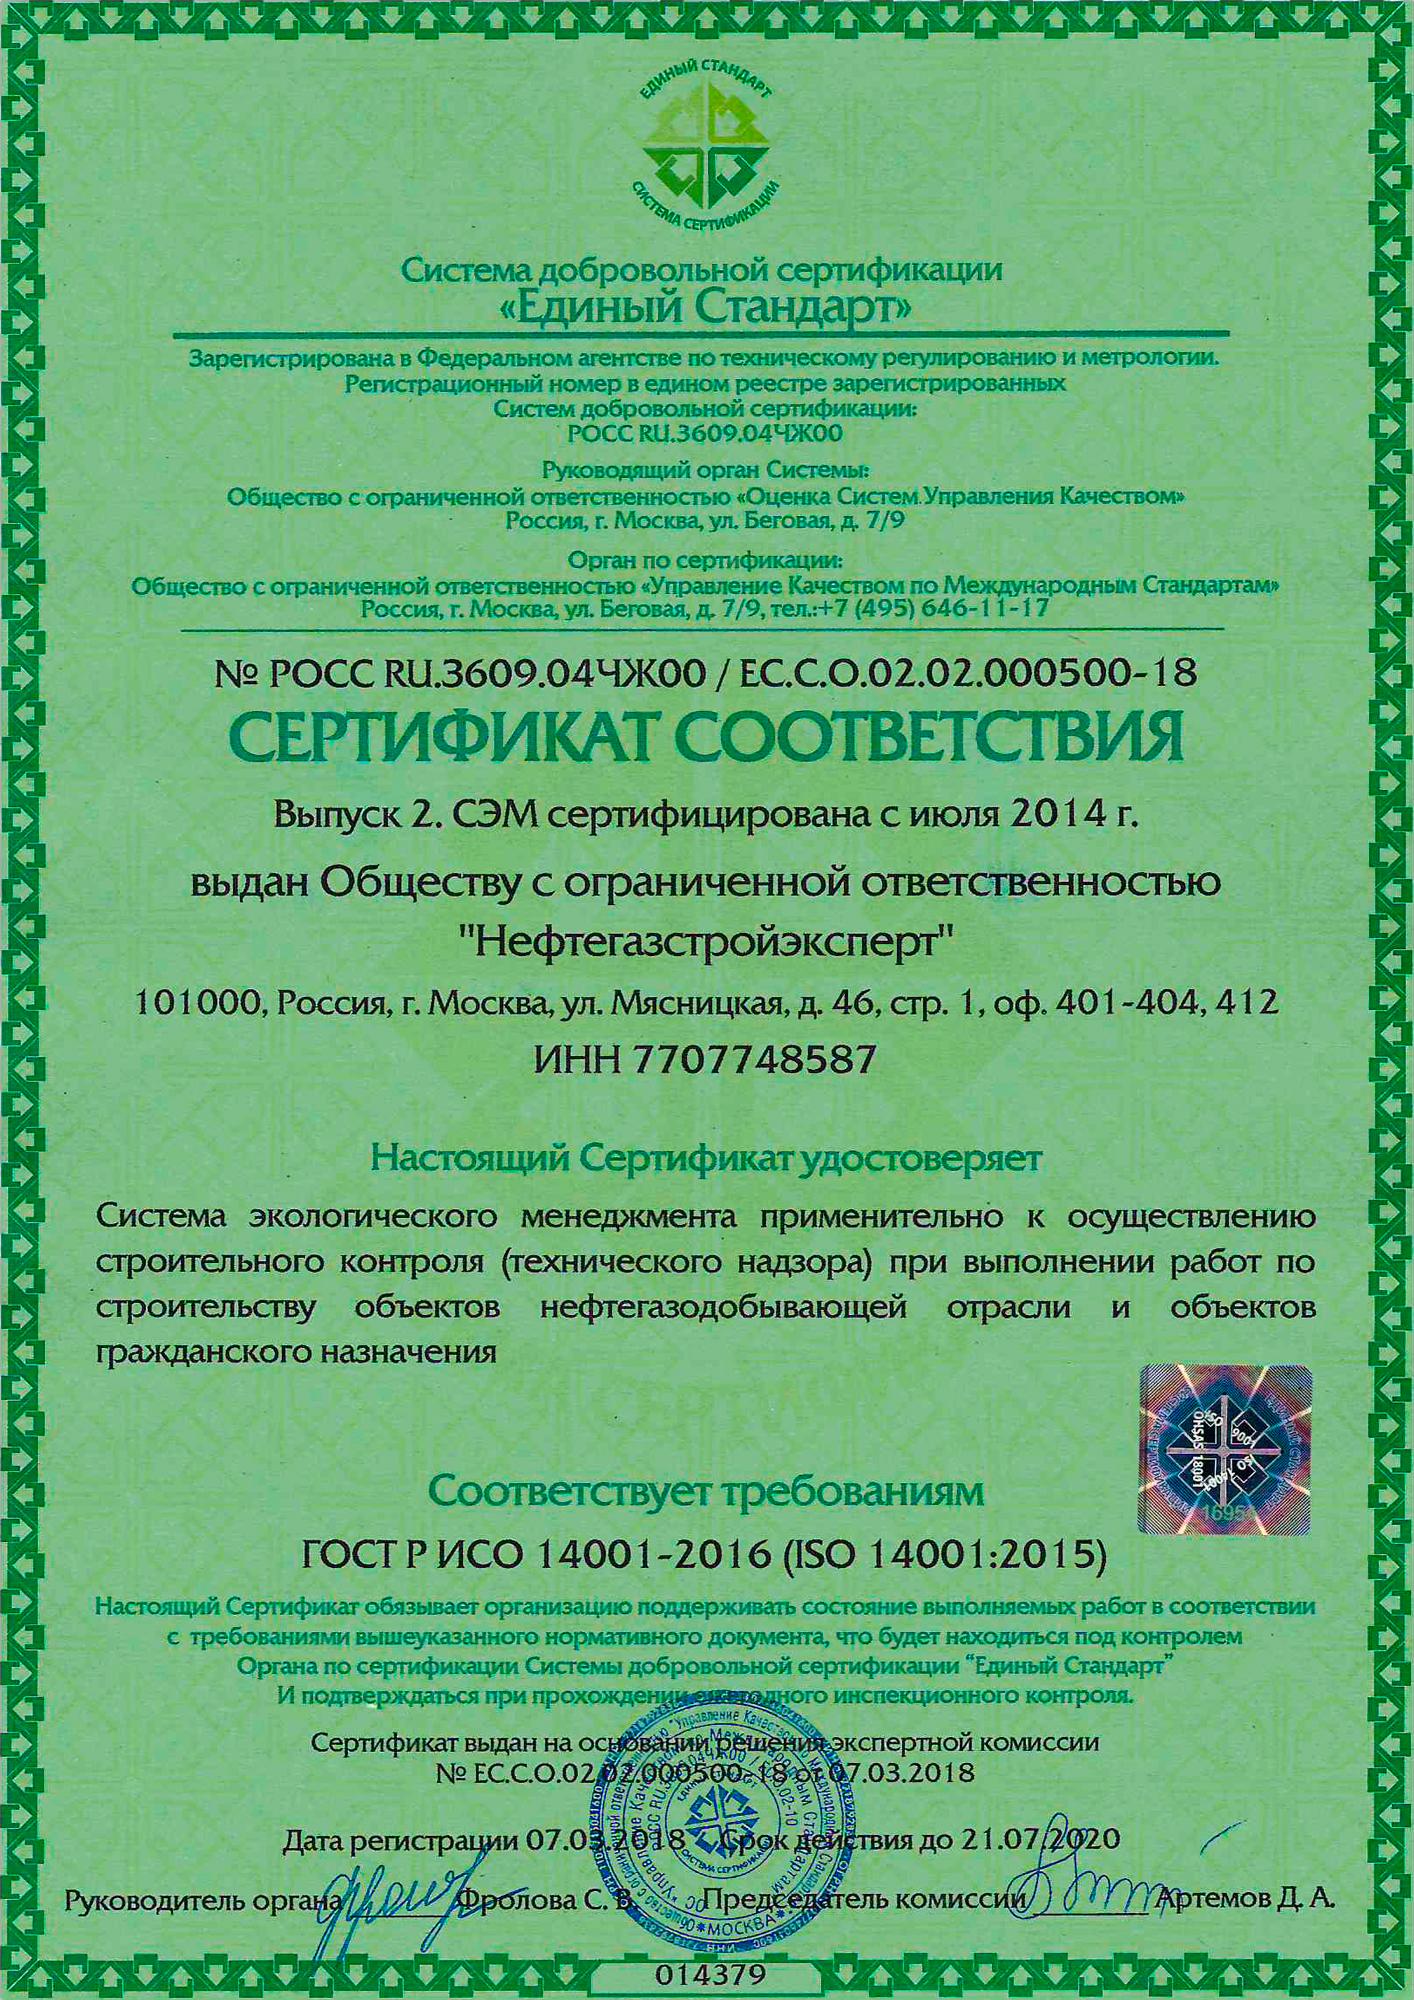 Сертификат соответствия Системы экологического менеджмента требованиям стандарта ГОСТ Р ИСО 14001-2016 (ISO 14001:2015)